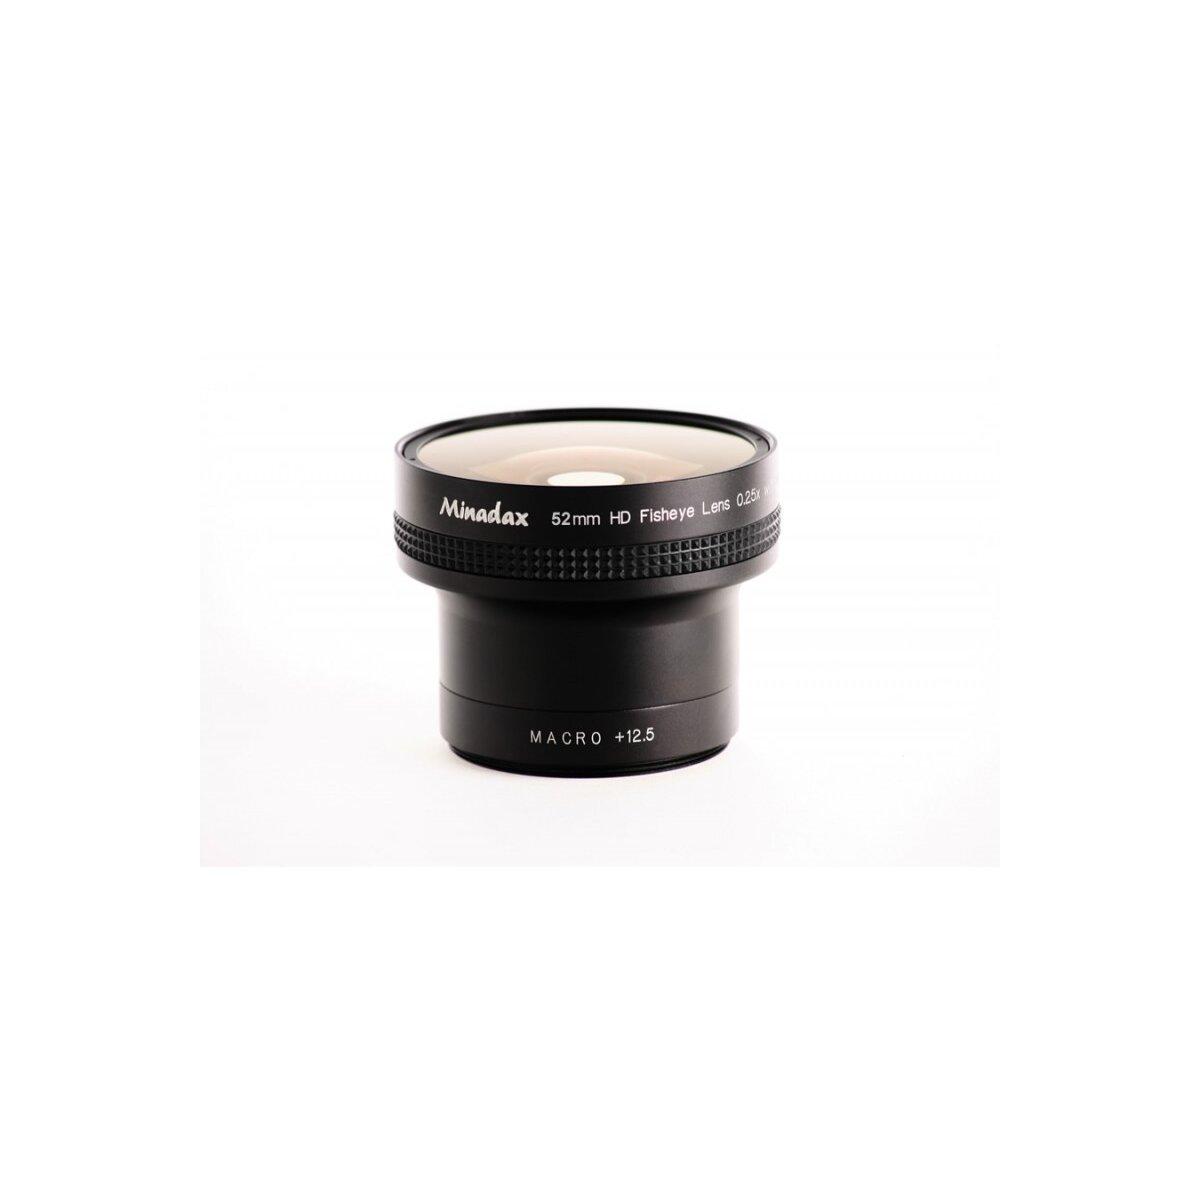 0.25x Minadax Fisheye Vorsatz Kodak DX7440, DX6440 - in schwarz